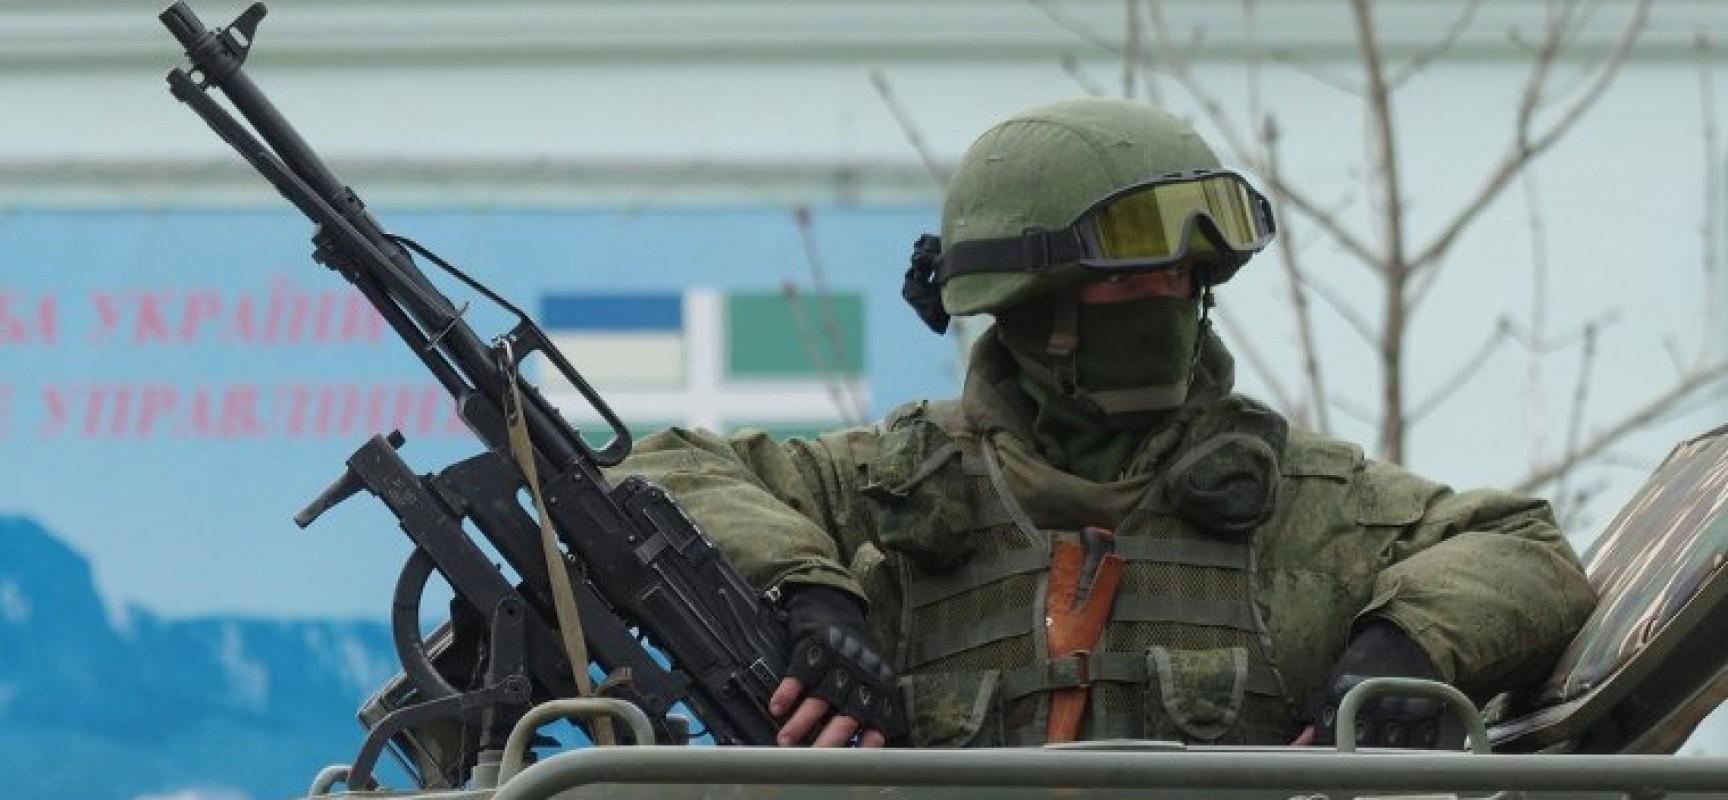 A che punto è la guerra in Ucraina di cui nessuno più parla